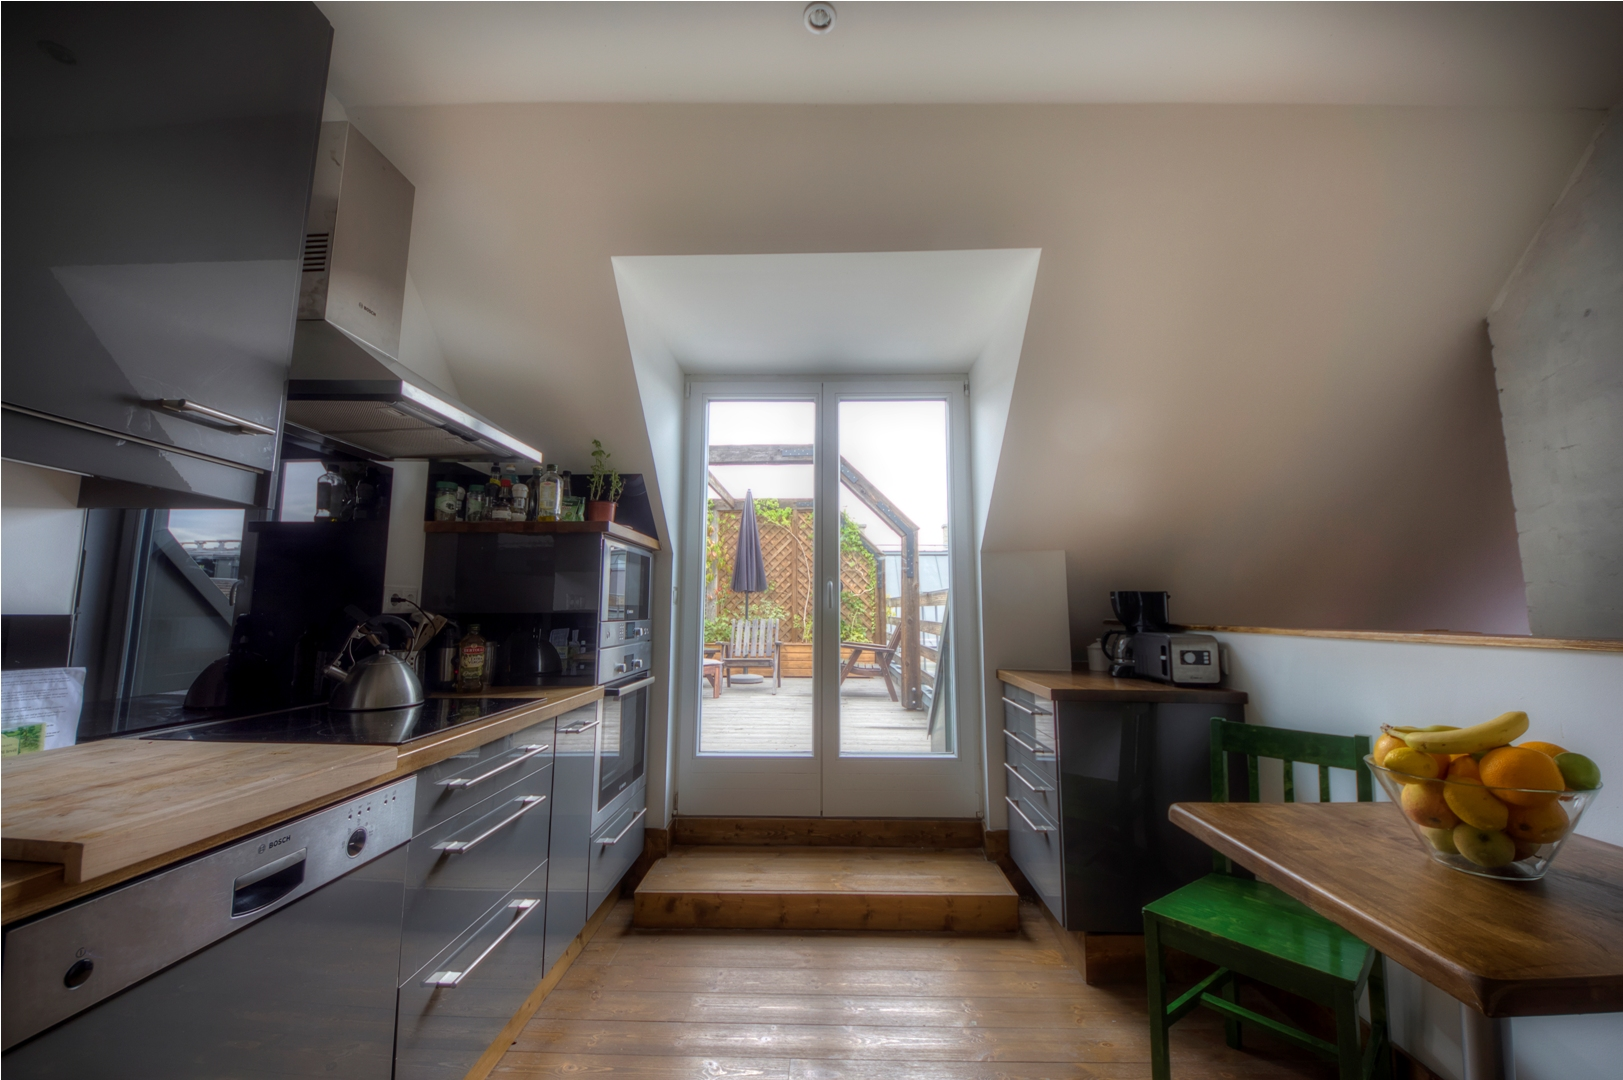 Apt23_kitchen.jpg